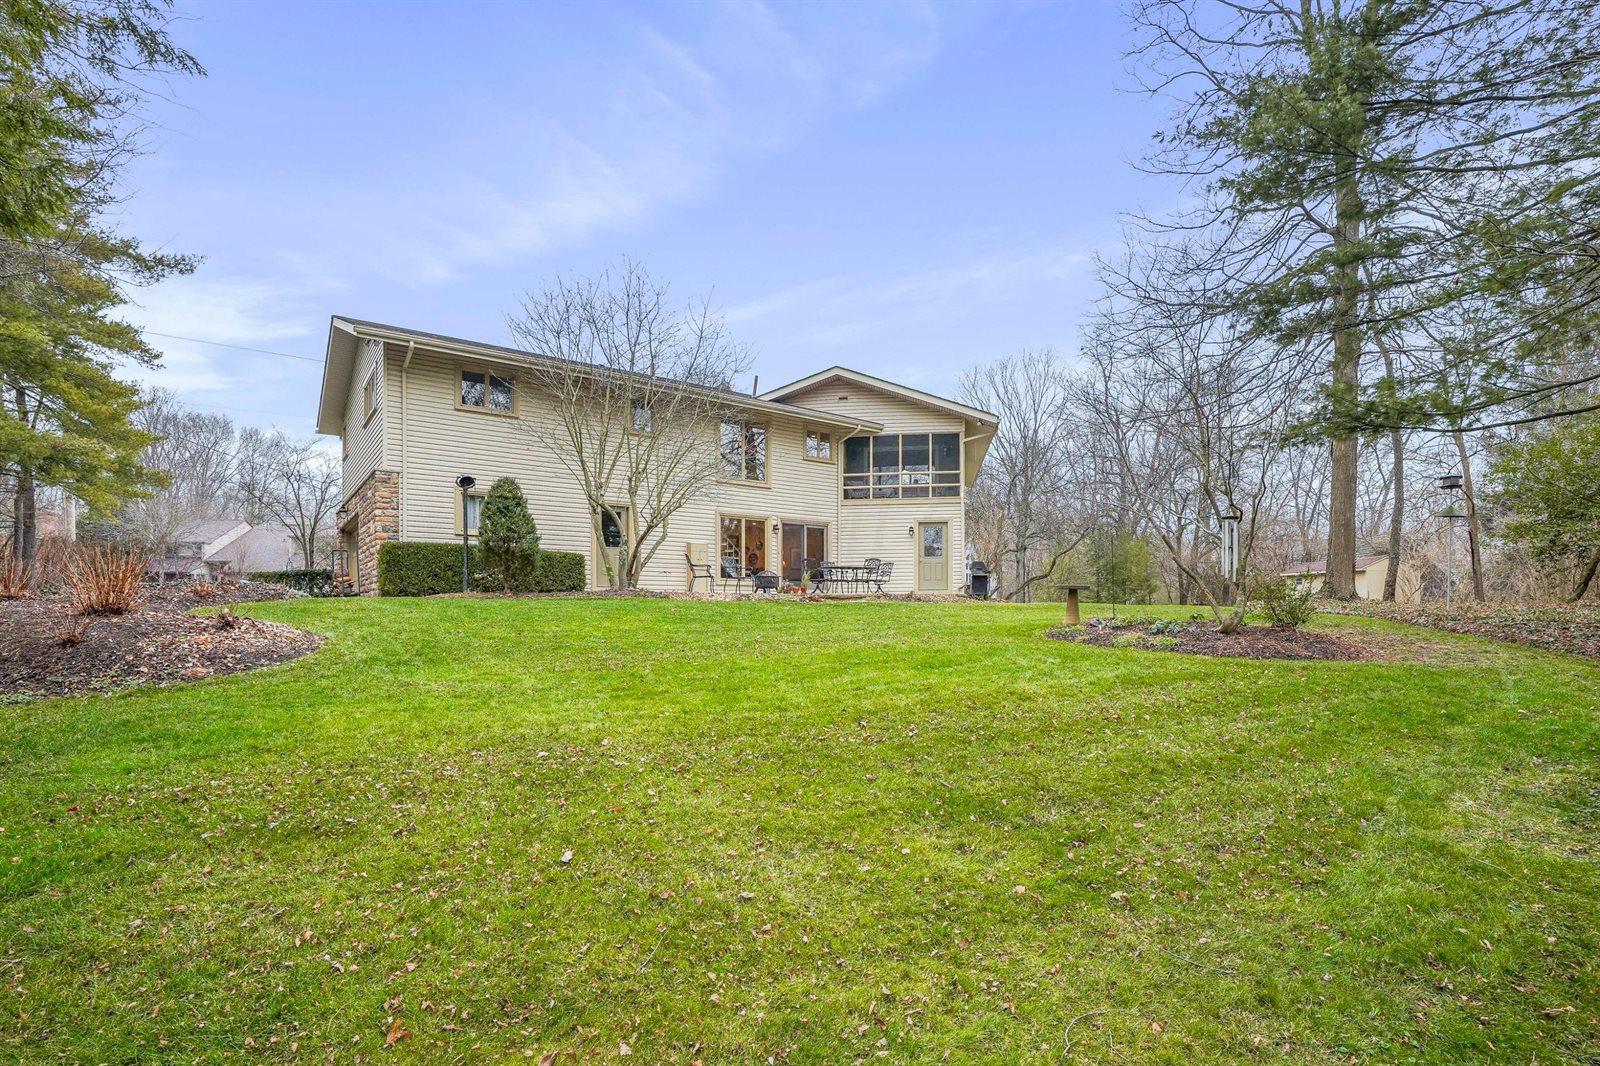 2137 Castle Crest Drive, Worthington, OH 43085